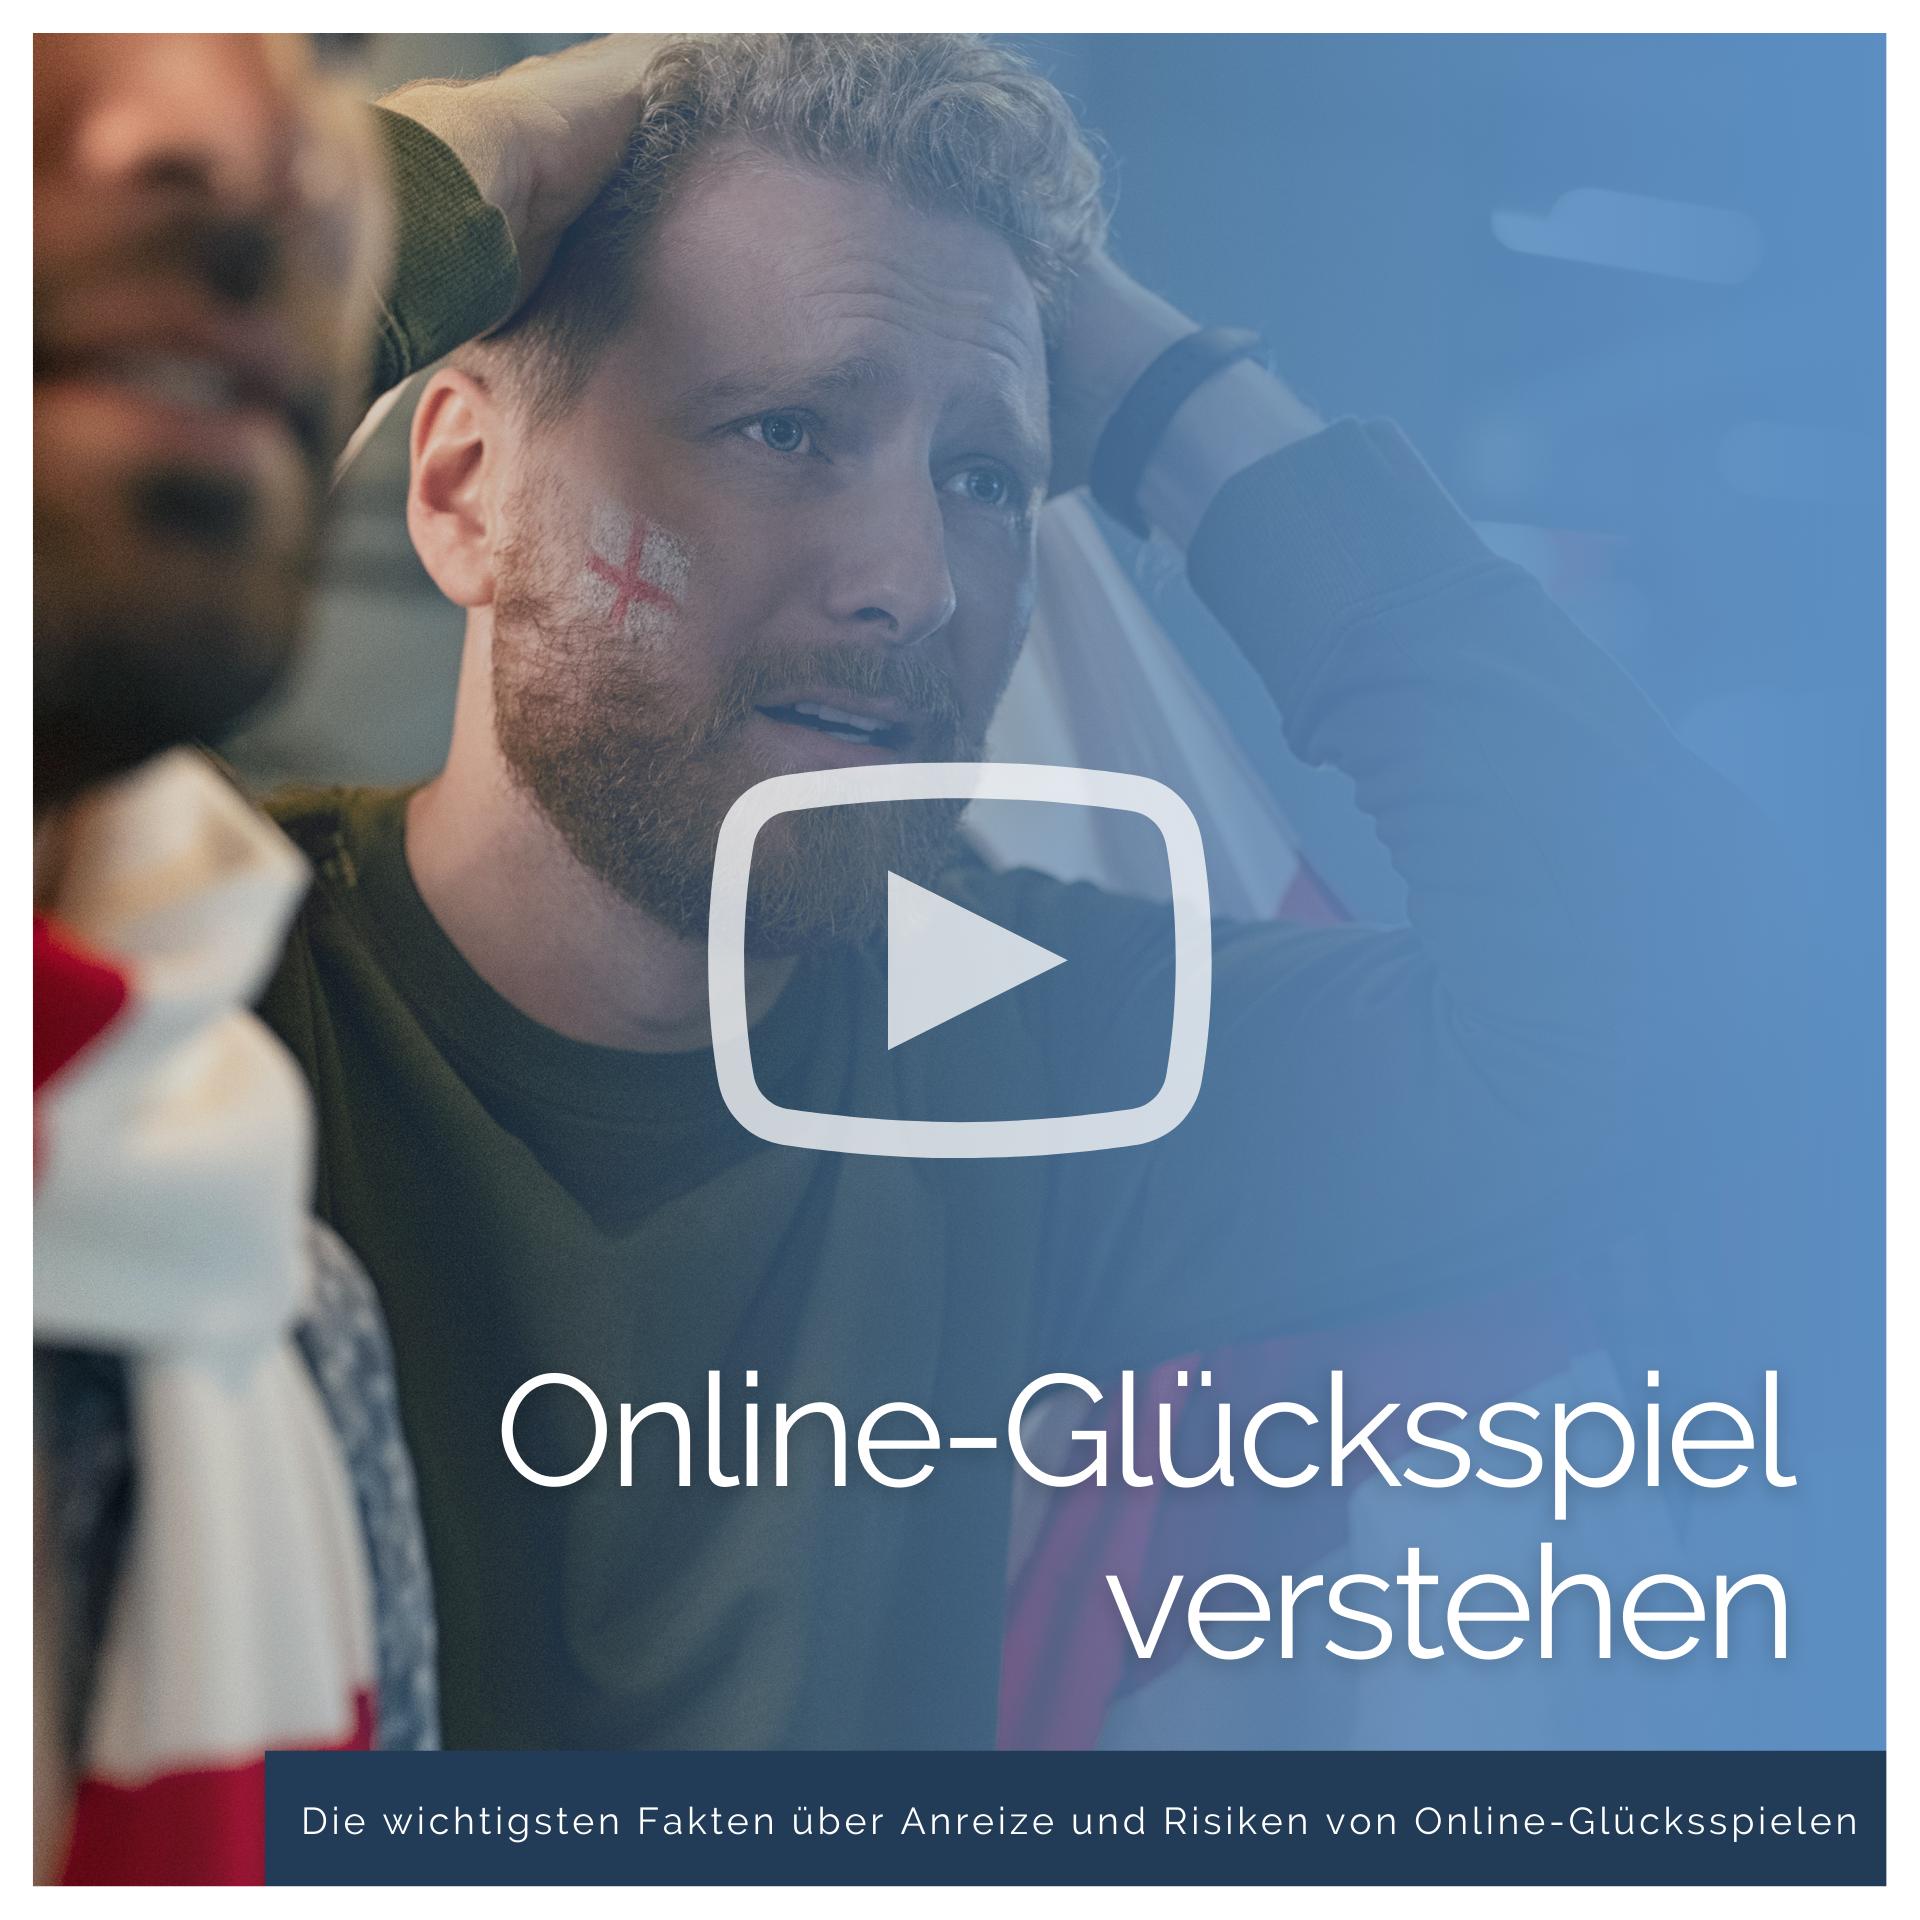 Online-Glücksspiel verstehen Infovideo Anzeigebild